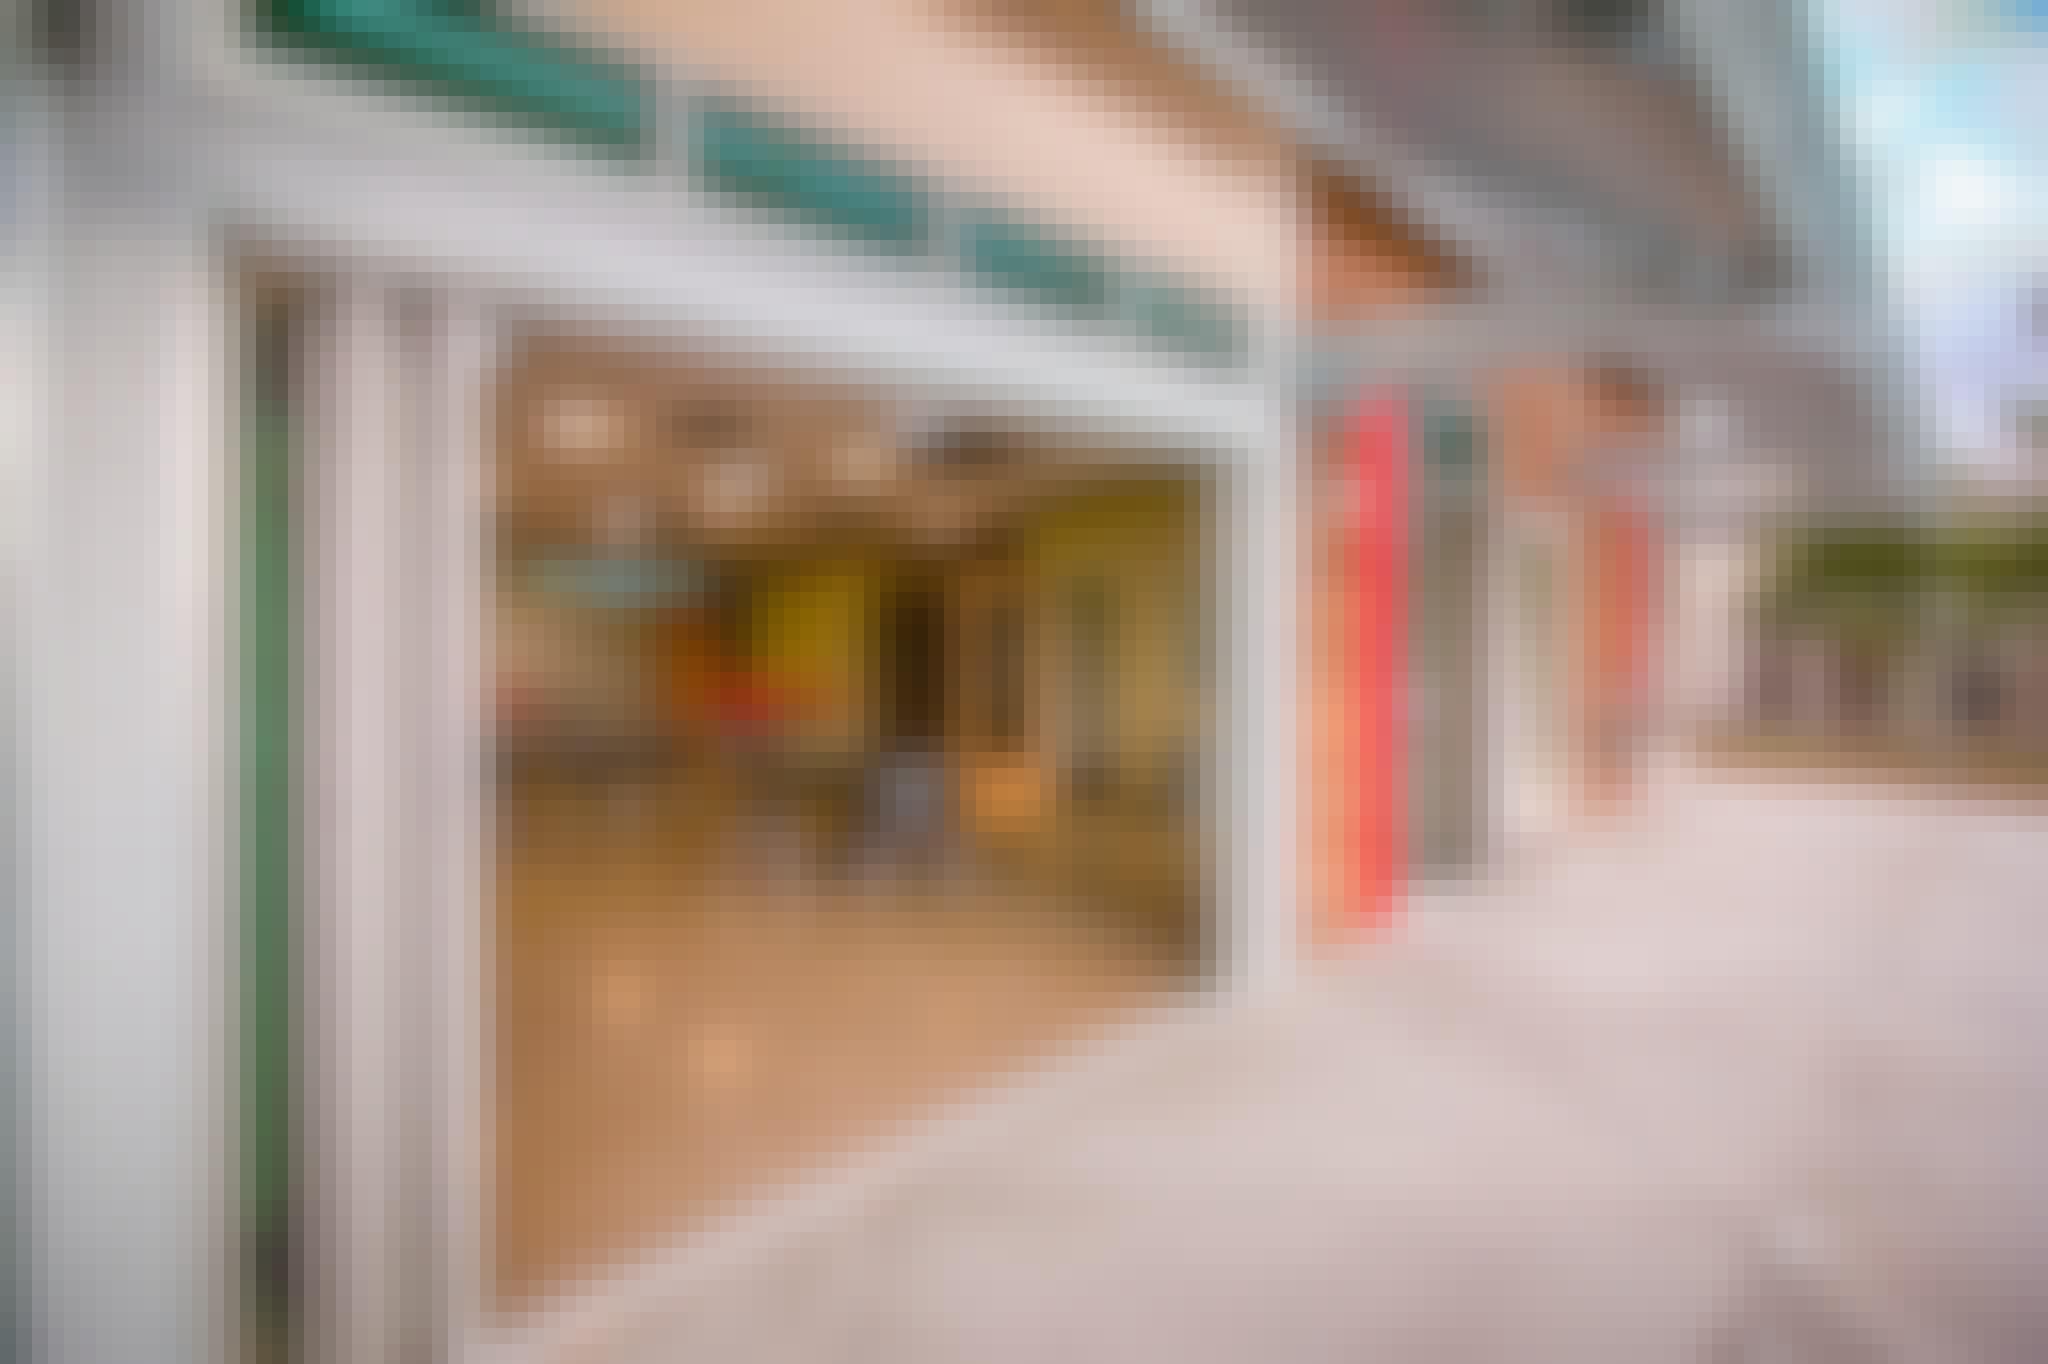 STEM classroom design exterior and interior glass walls